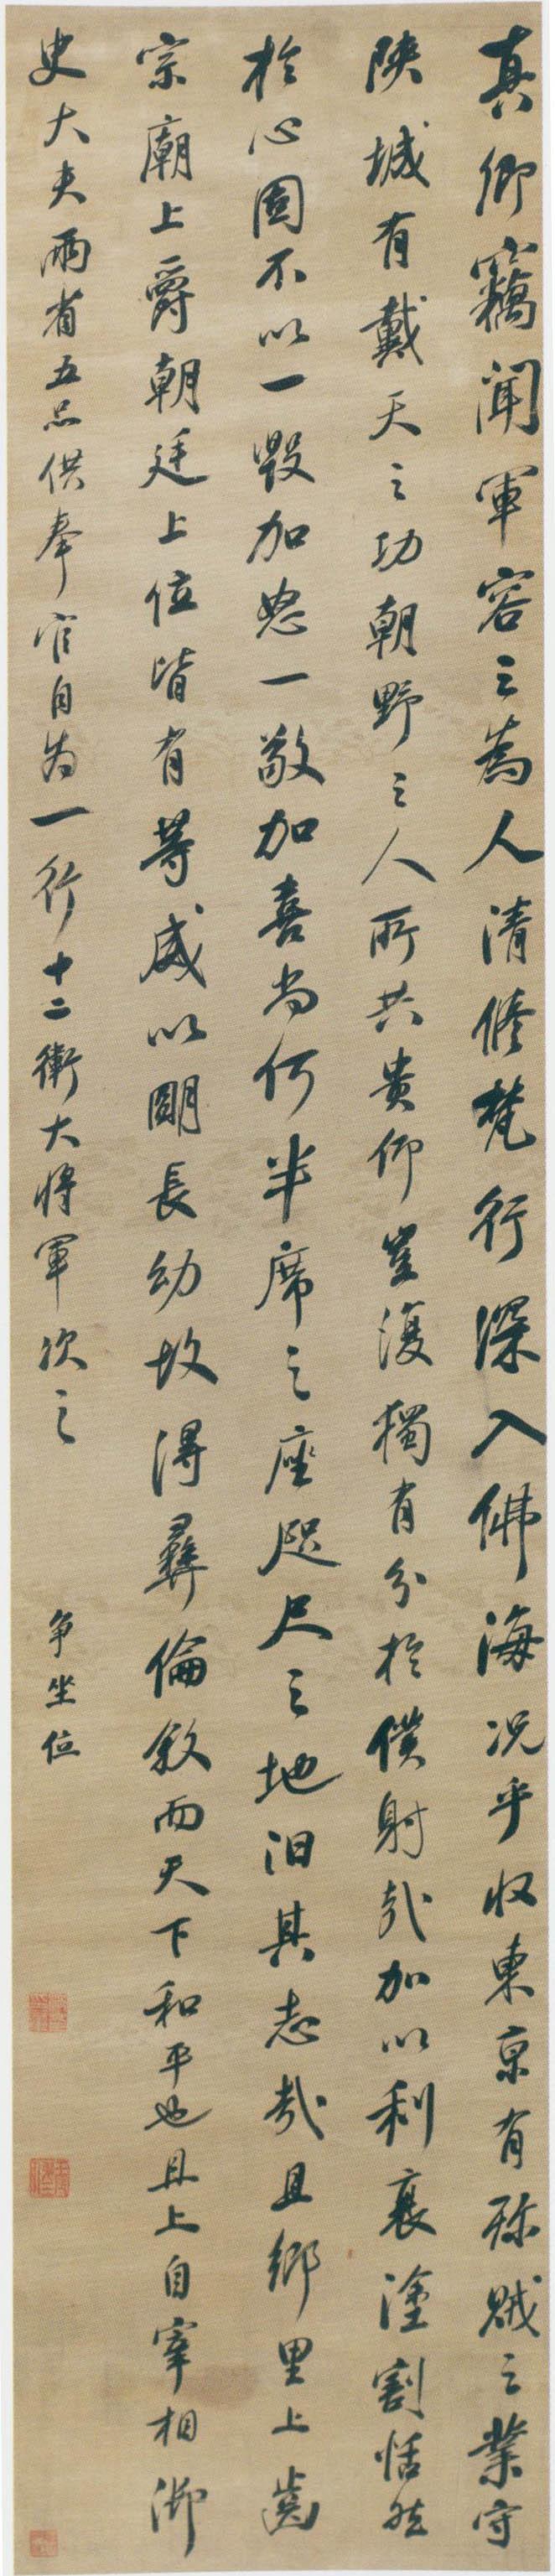 沈荃《行书临争座位帖轴》天津博物院藏